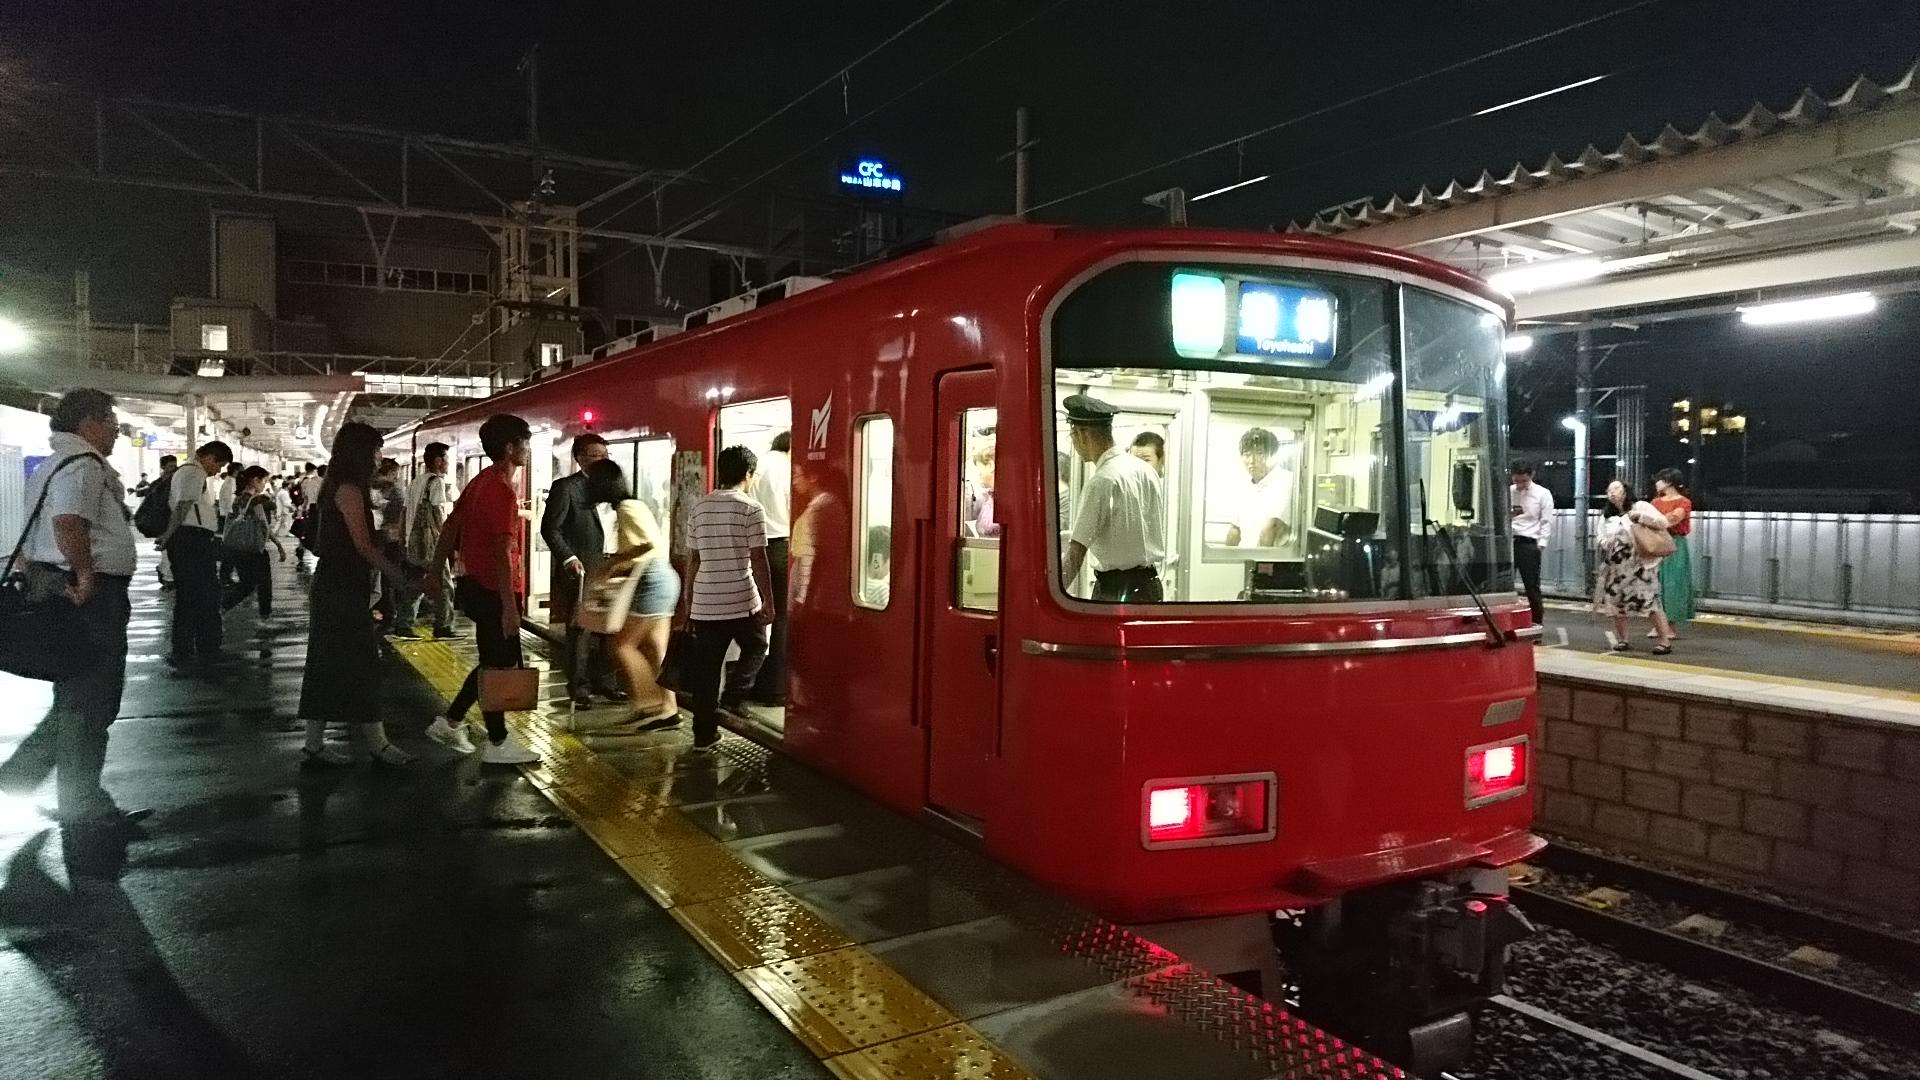 2018.8.20 (7) 知立 - 豊橋いき急行 1920-1080